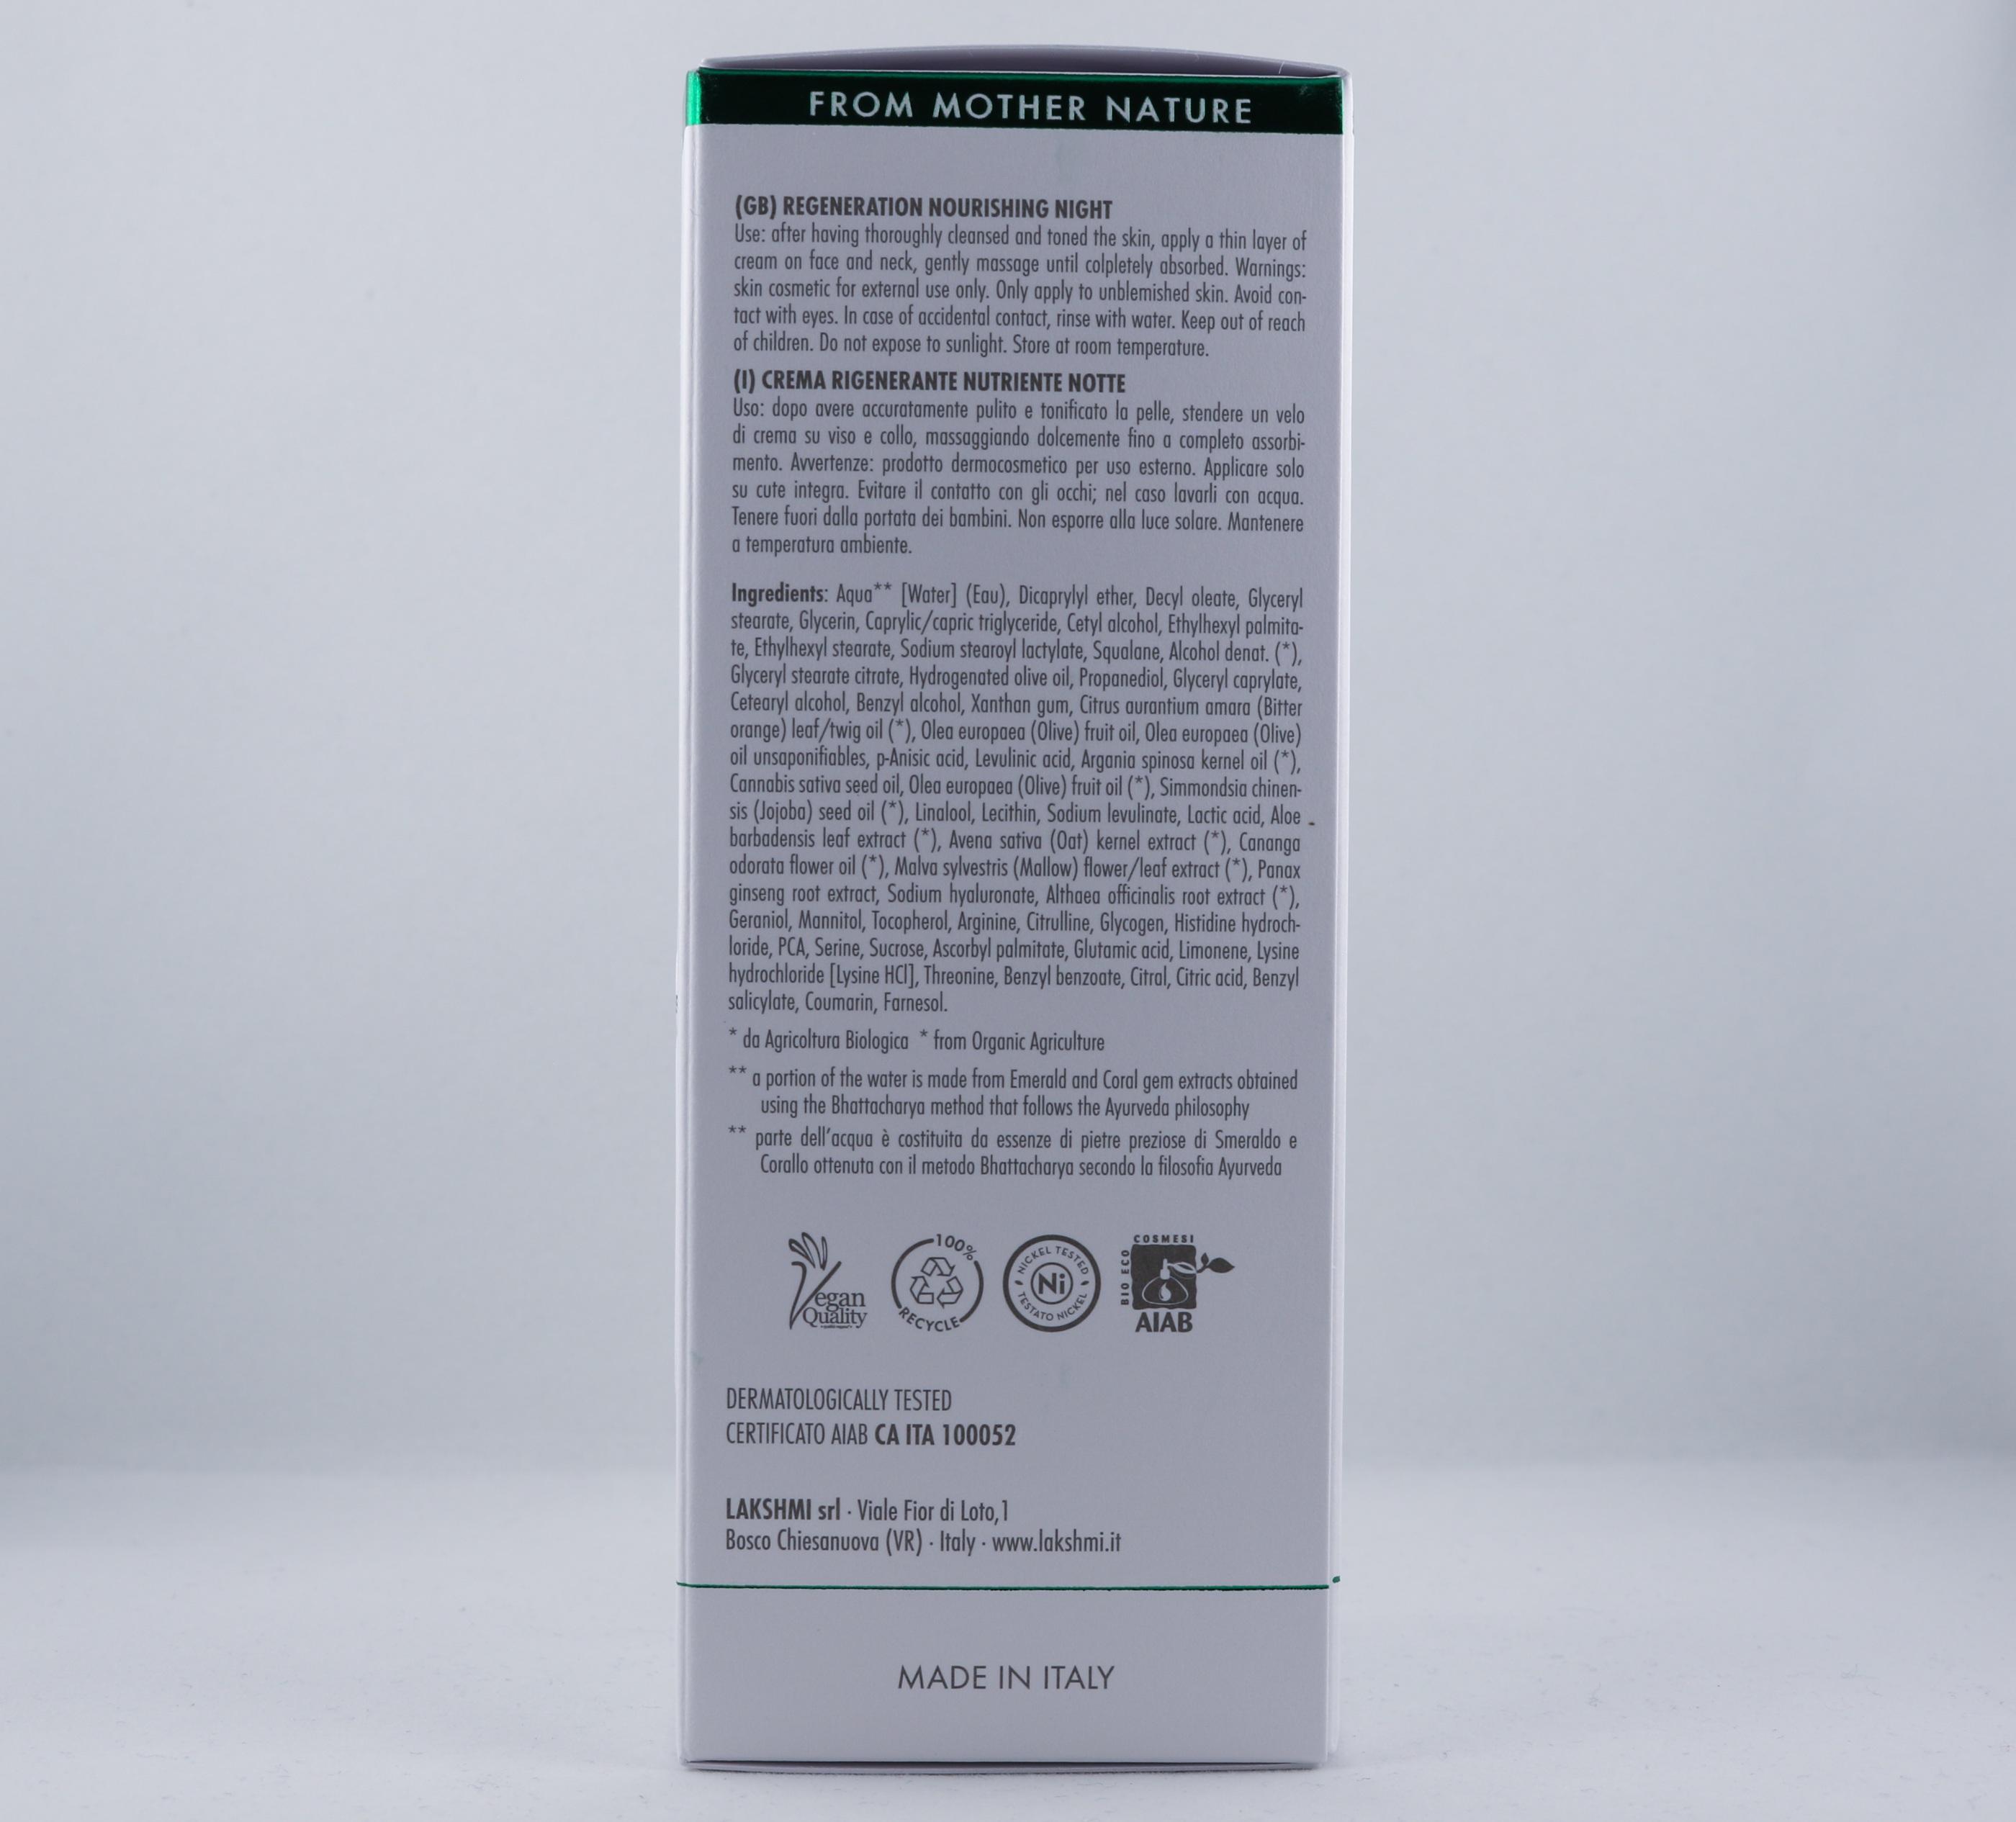 Vata Ginseng and Jojoba Cream hudvårdsprodukt hudvårdstyp alternativ hälsa wellness ayurveda hudvårdsprodukter